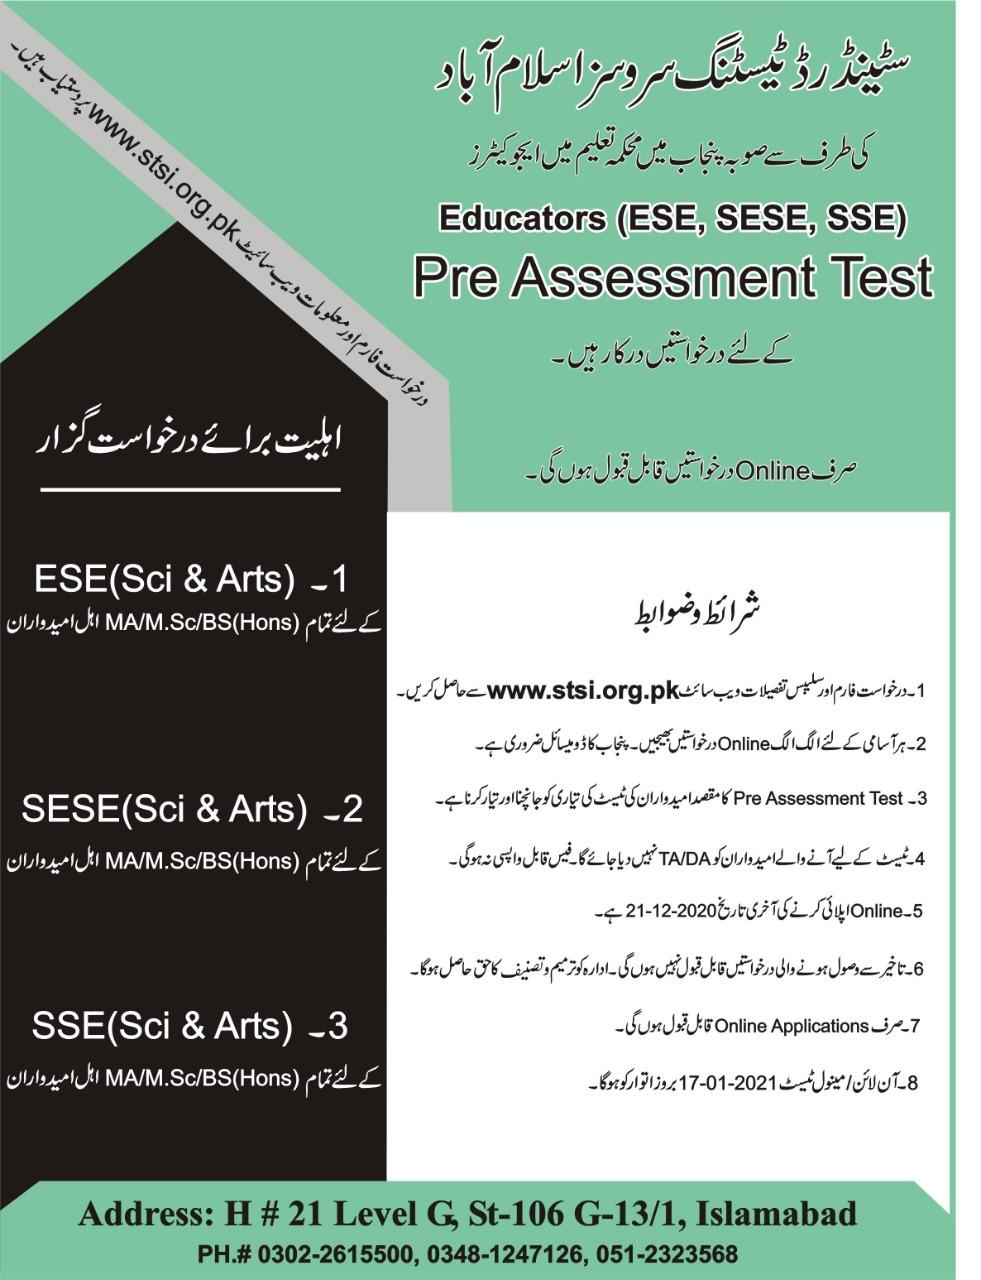 Educator Pre Assessment Test ESE SESE SSE STSI Roll No Slip